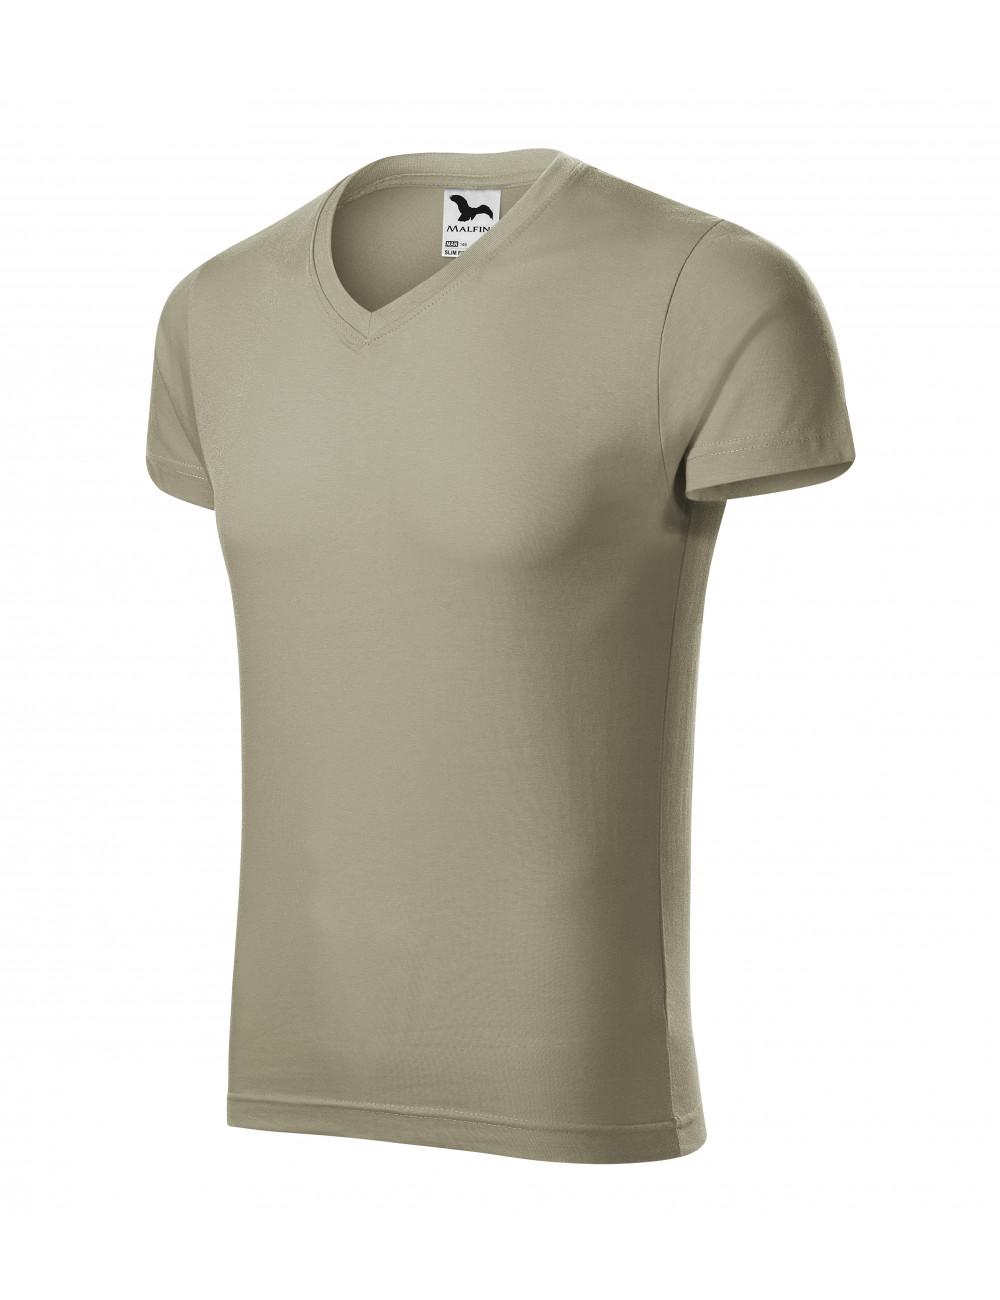 Adler MALFINI Koszulka męska Slim Fit V-neck 146 jasny khaki